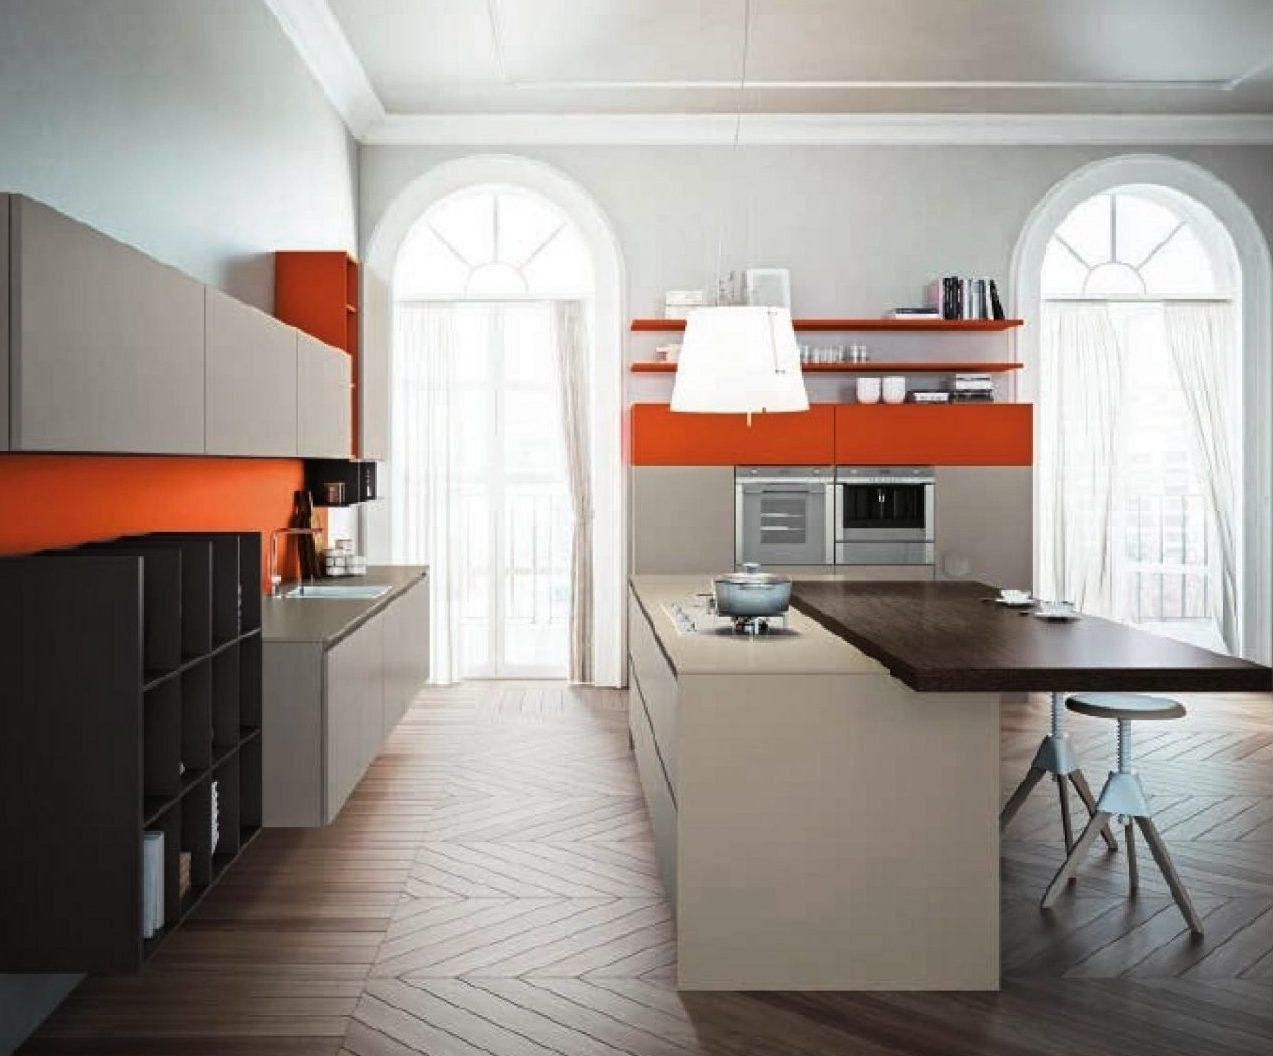 La cucina bianca laccata si personalizza attraverso il colore